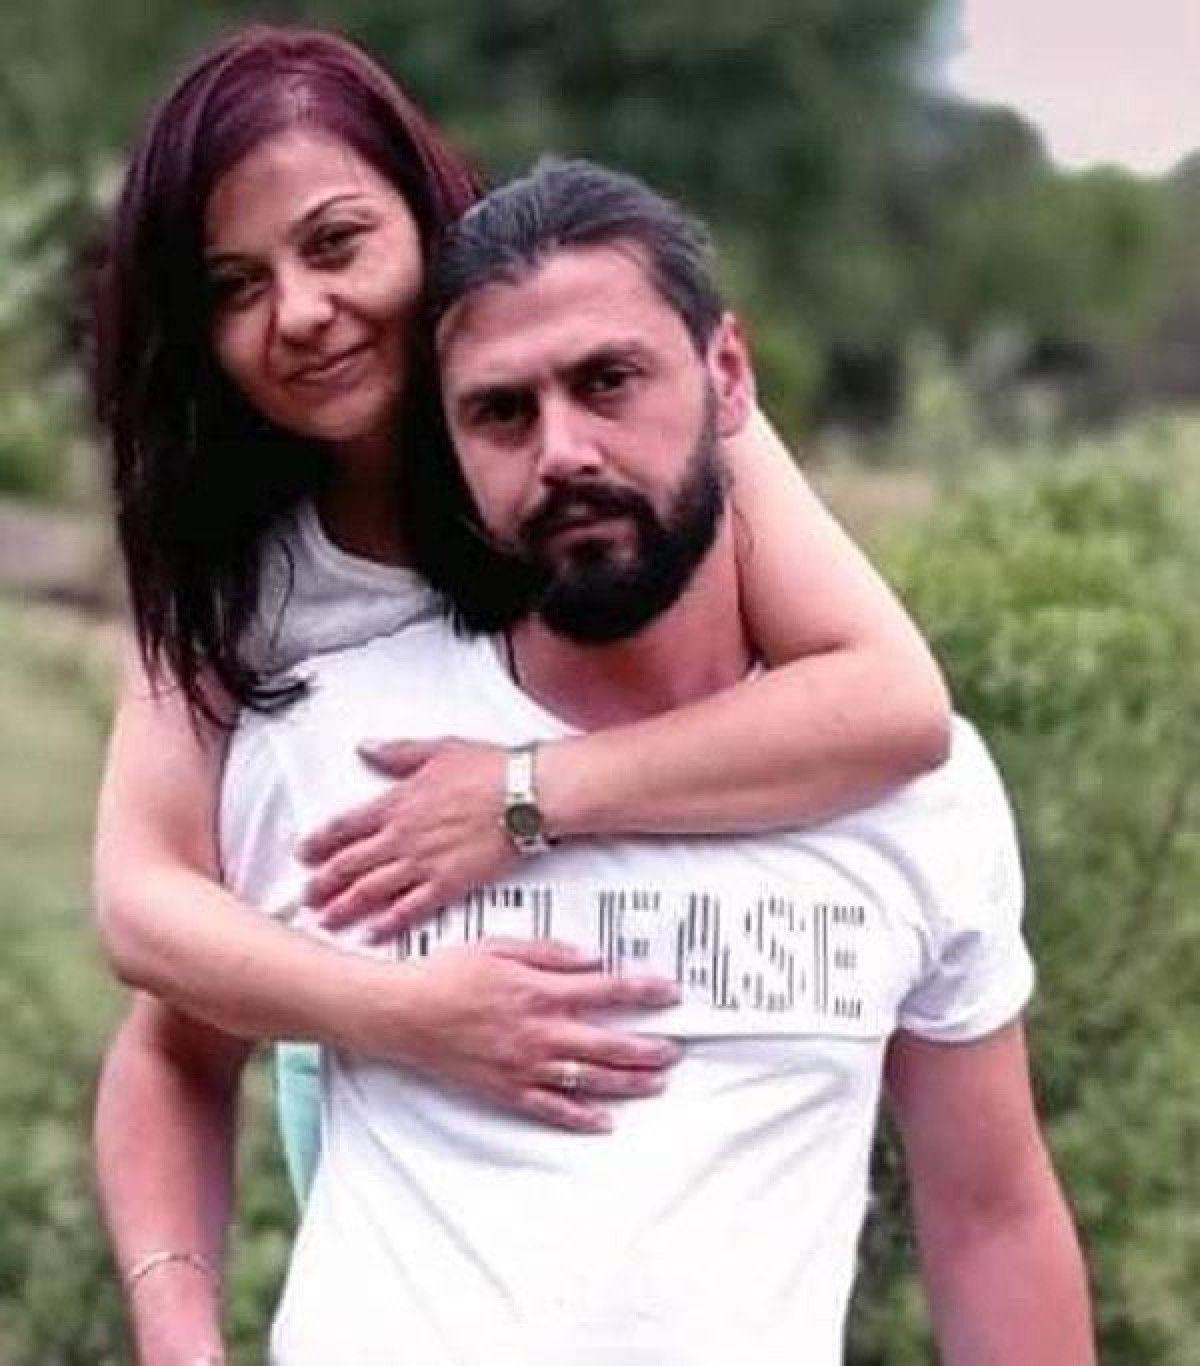 Uşak taki kadının, kocasını içki içtiği için öldürdüğü belirlendi #1